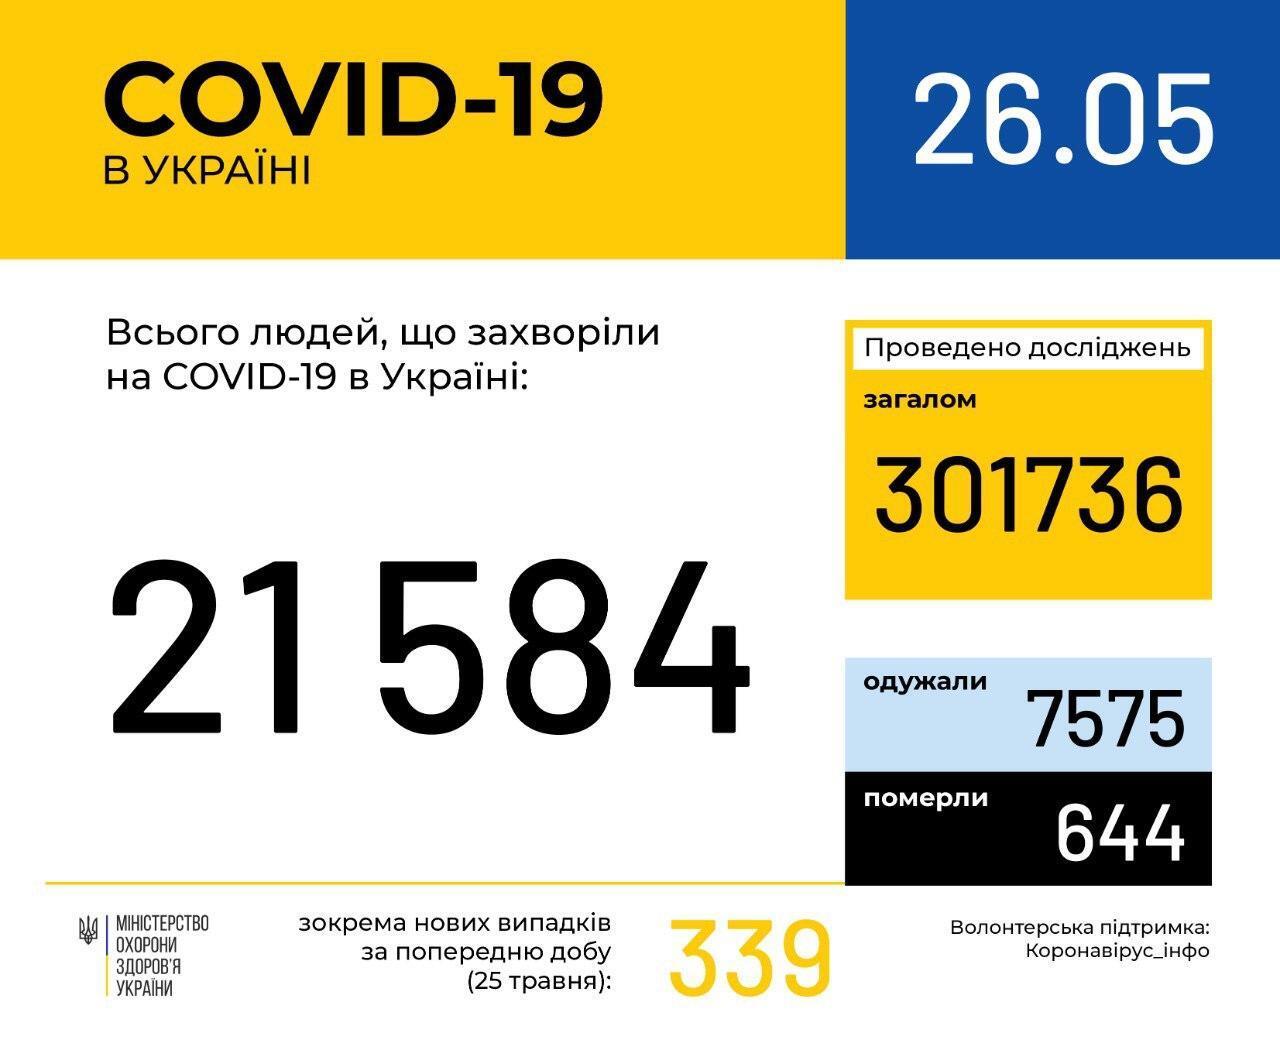 Коронавирус в Украине не отступает, количество больных опять выросло: статистика Минздрава на 26 мая